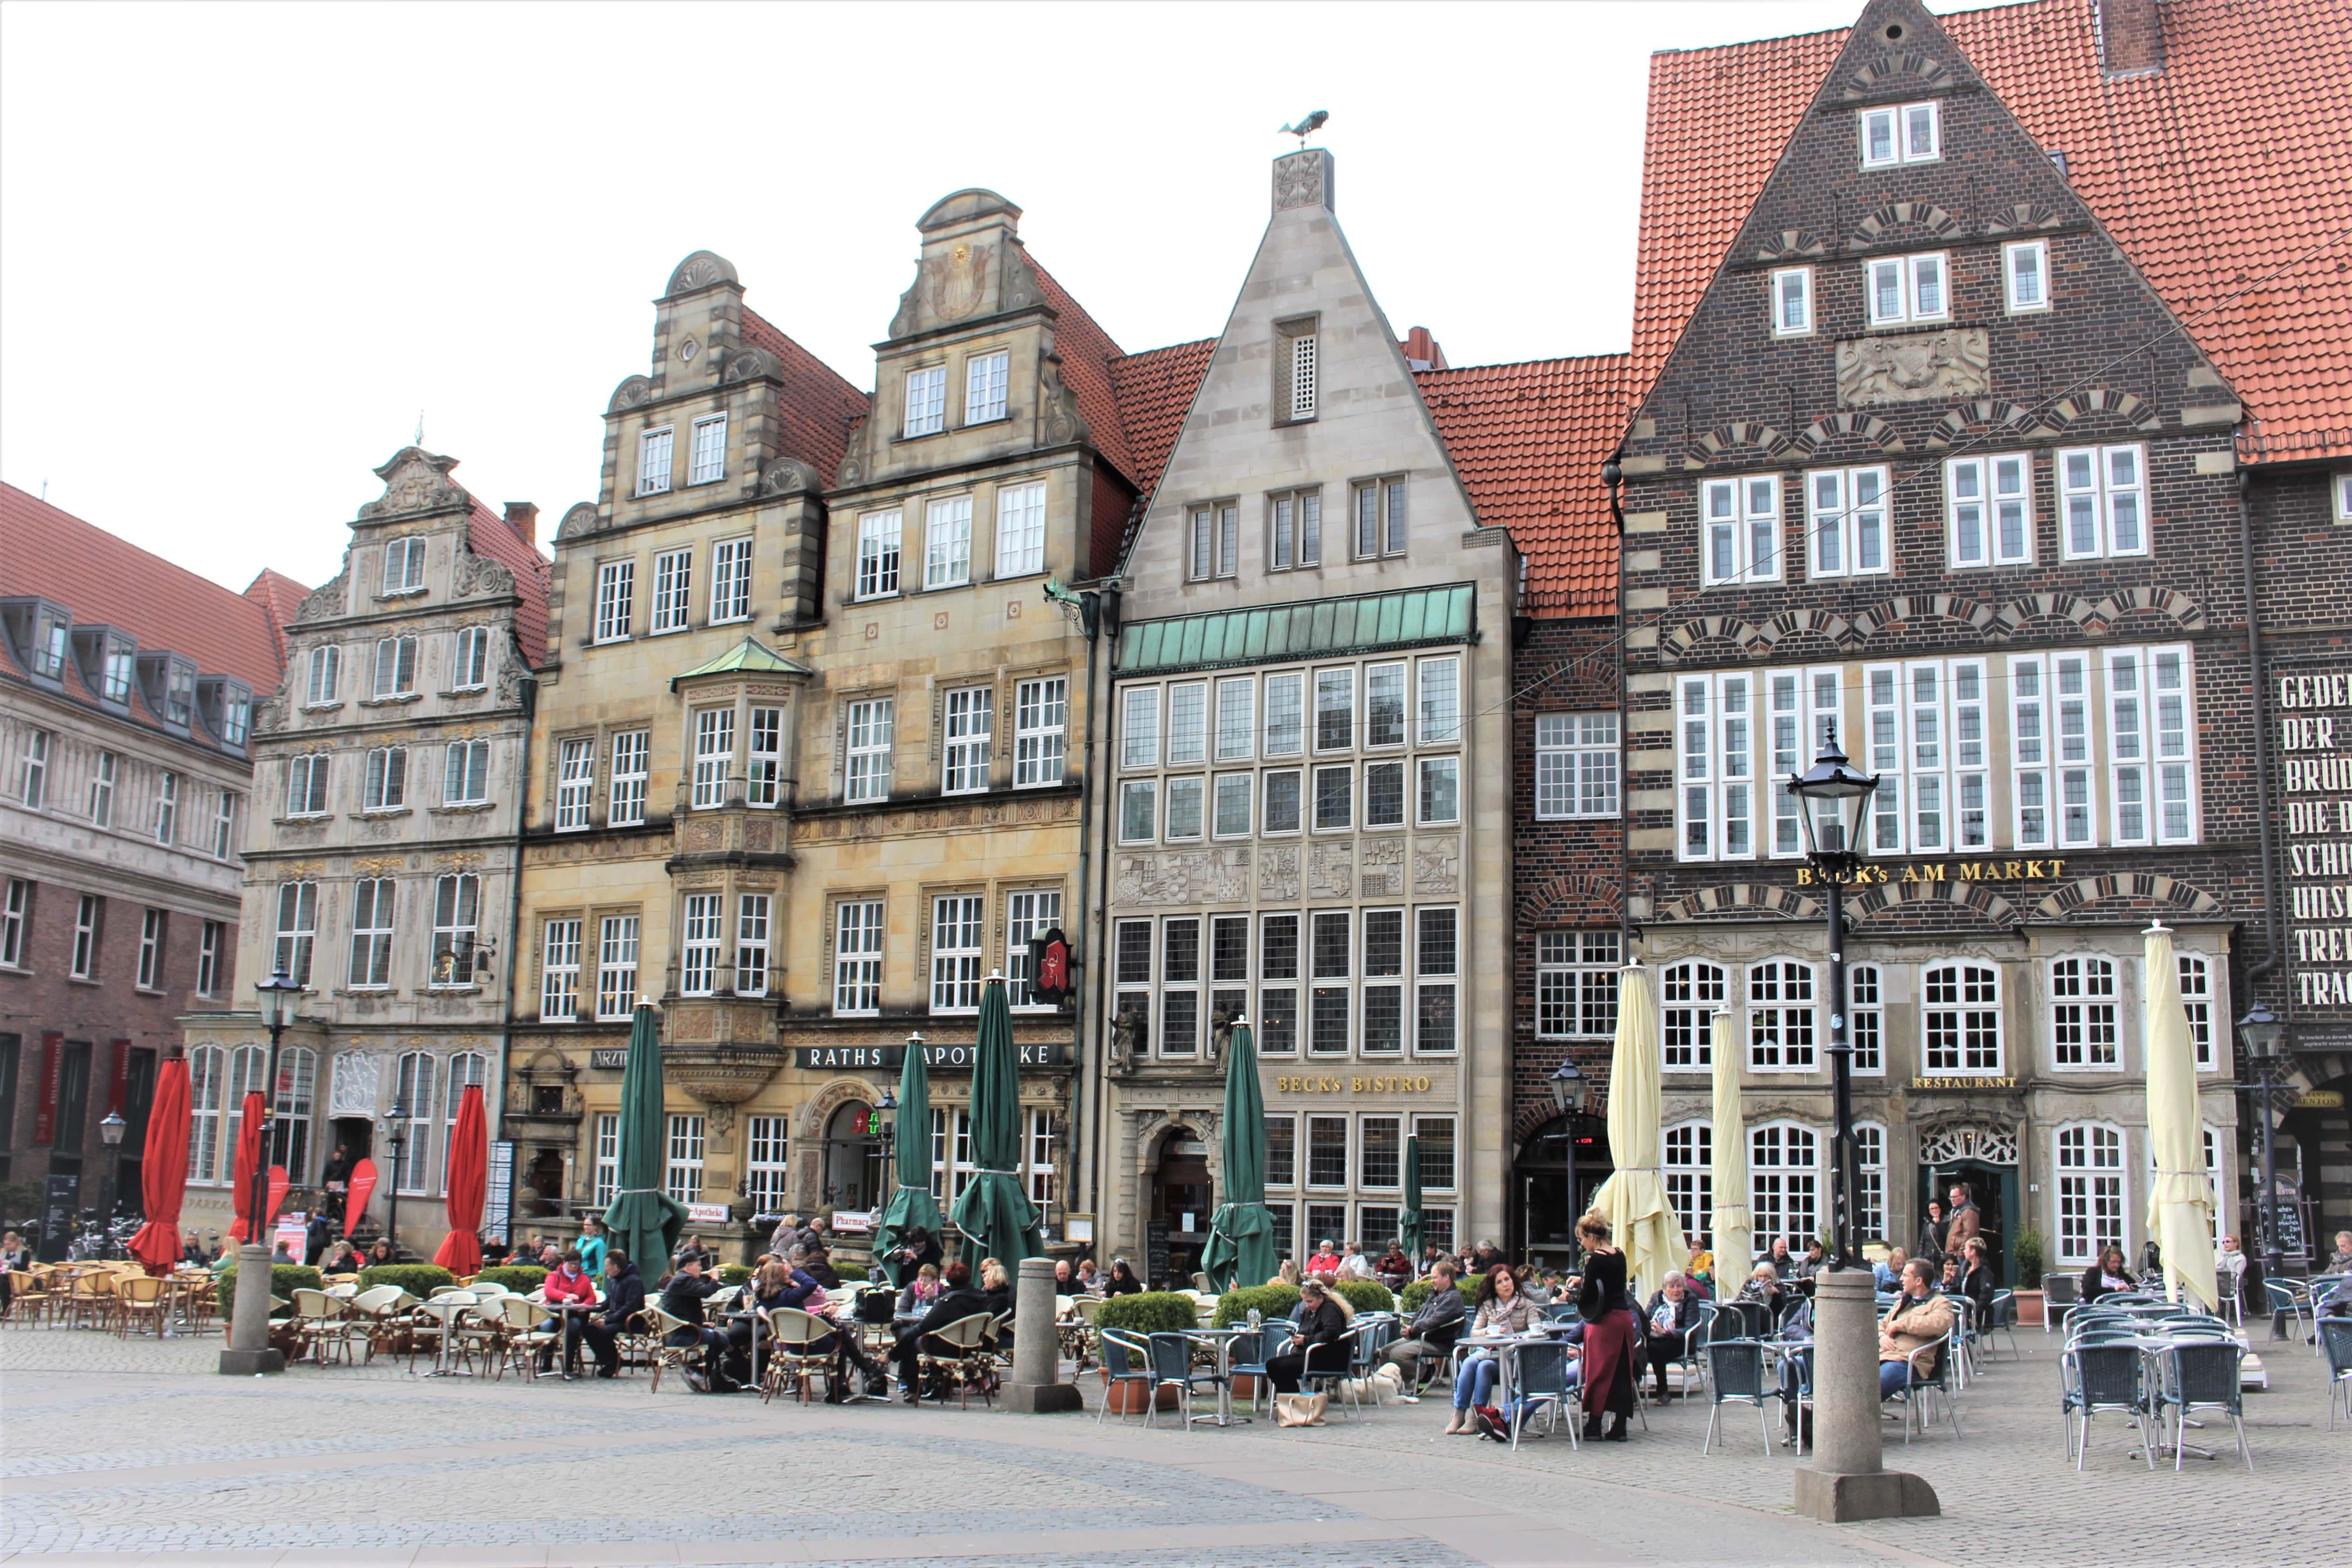 Der Marktplatz in Bremen.